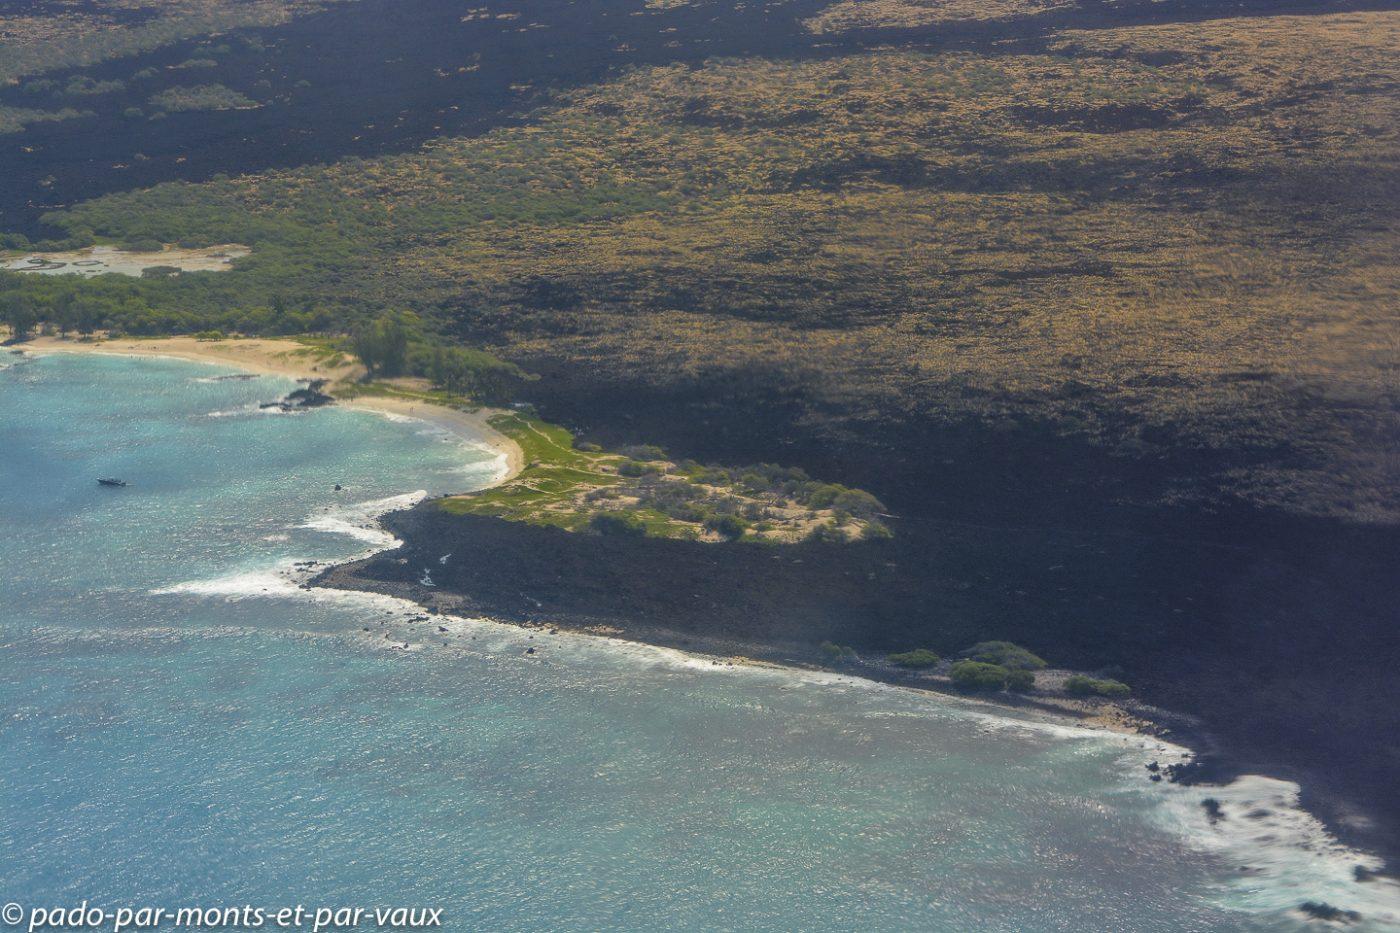 Survol de Big Island